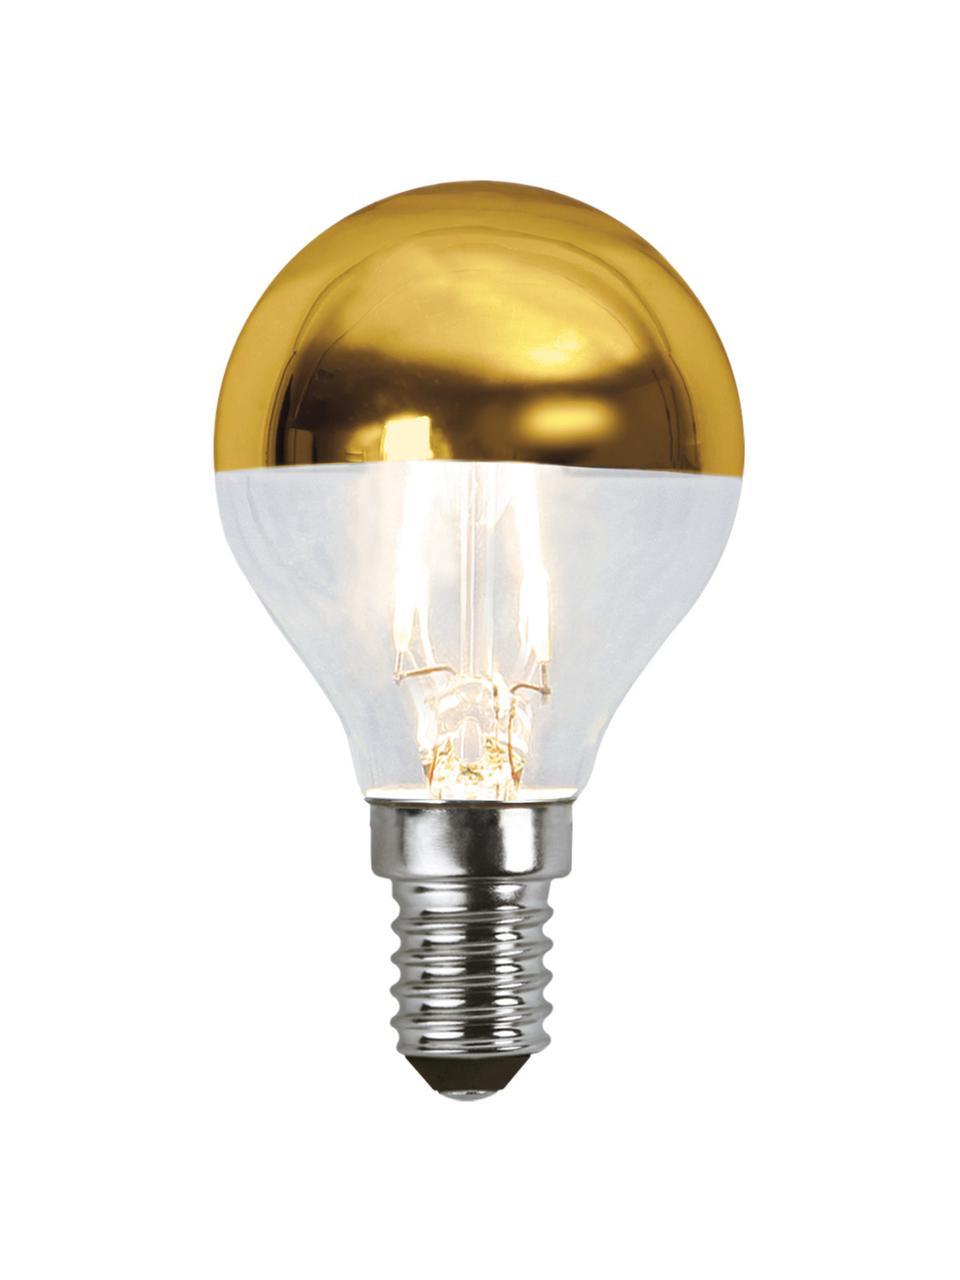 E14 peertje, 1.5 watt, warmwit, 1 stuk, Peertje: glas, Fitting: aluminium, Goudkleurig, transparant, Ø 5 x H 8 cm